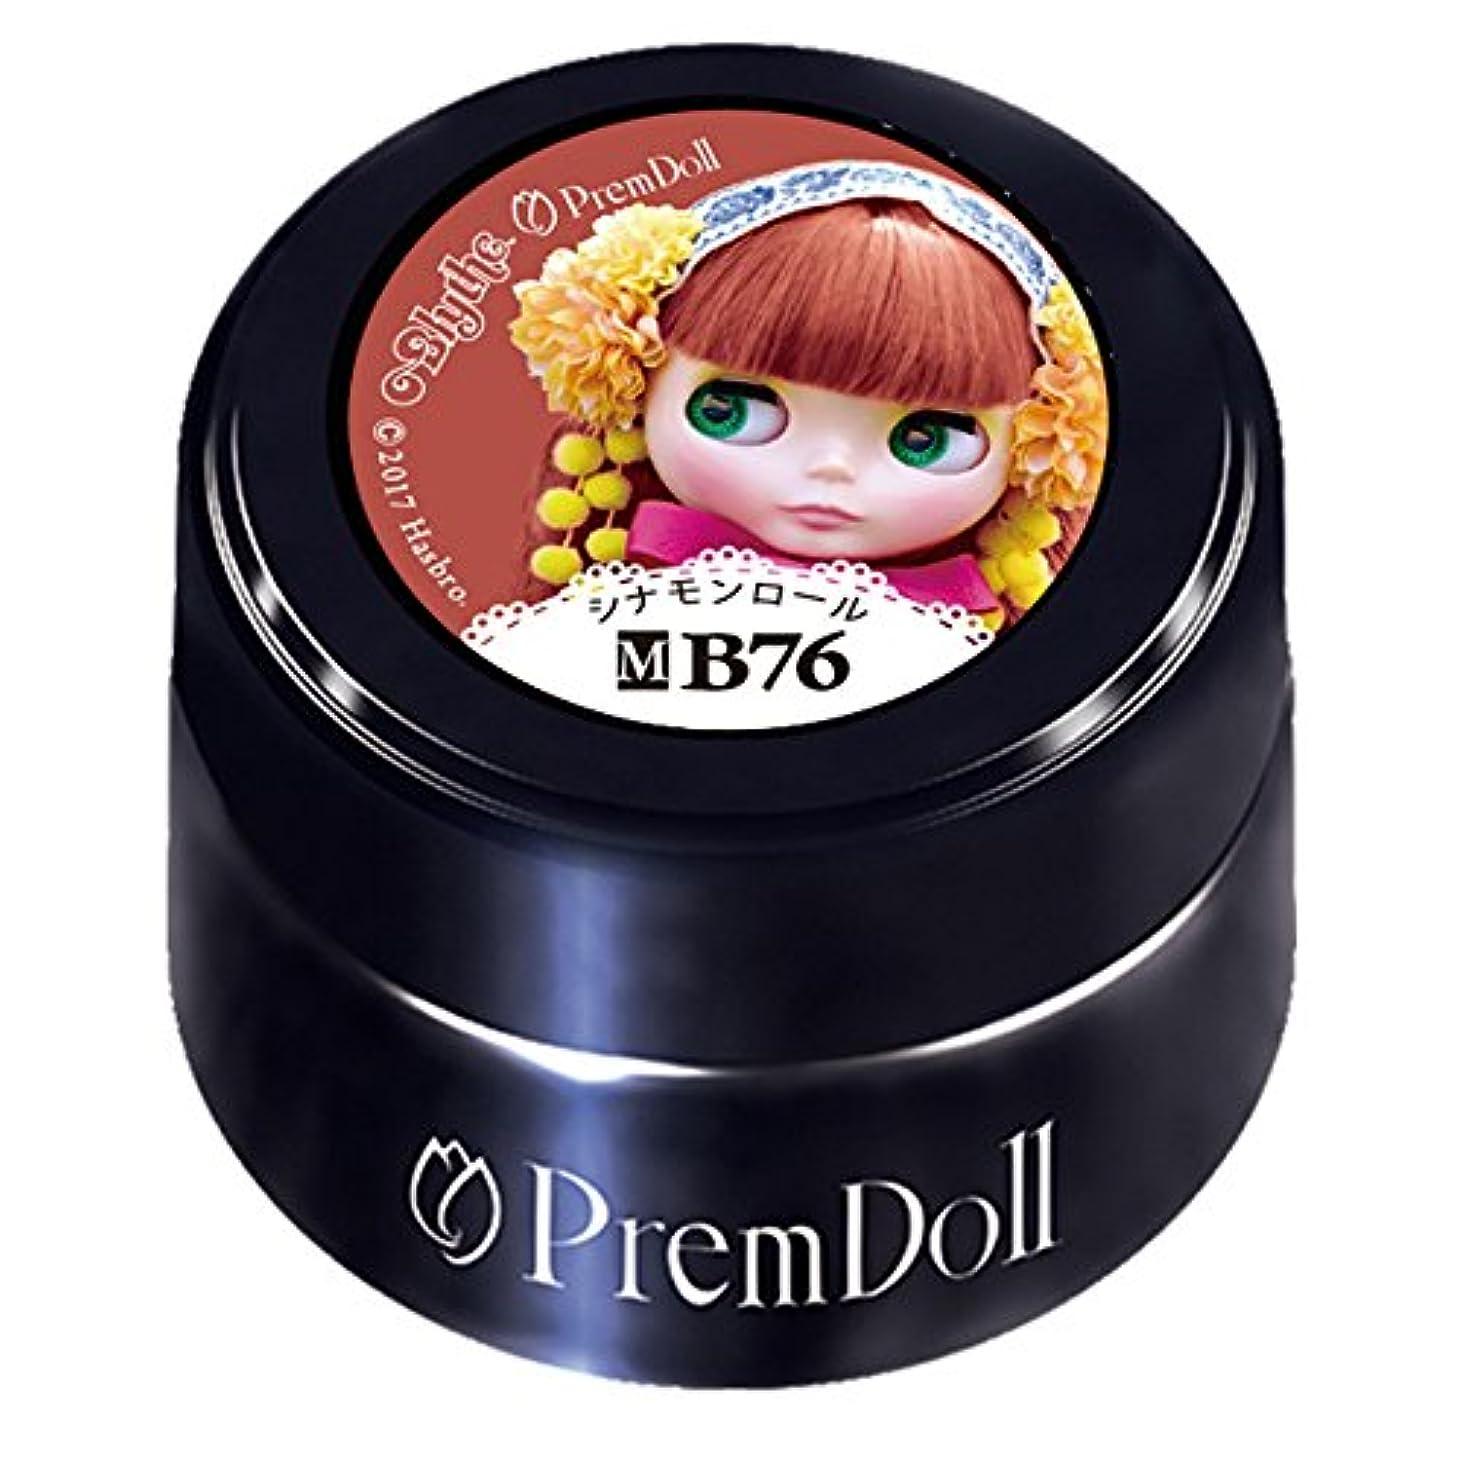 スープ満たす東方PRE GEL プリムドール シナモンロール DOLL-B76 3g UV/LED対応 カラージェル